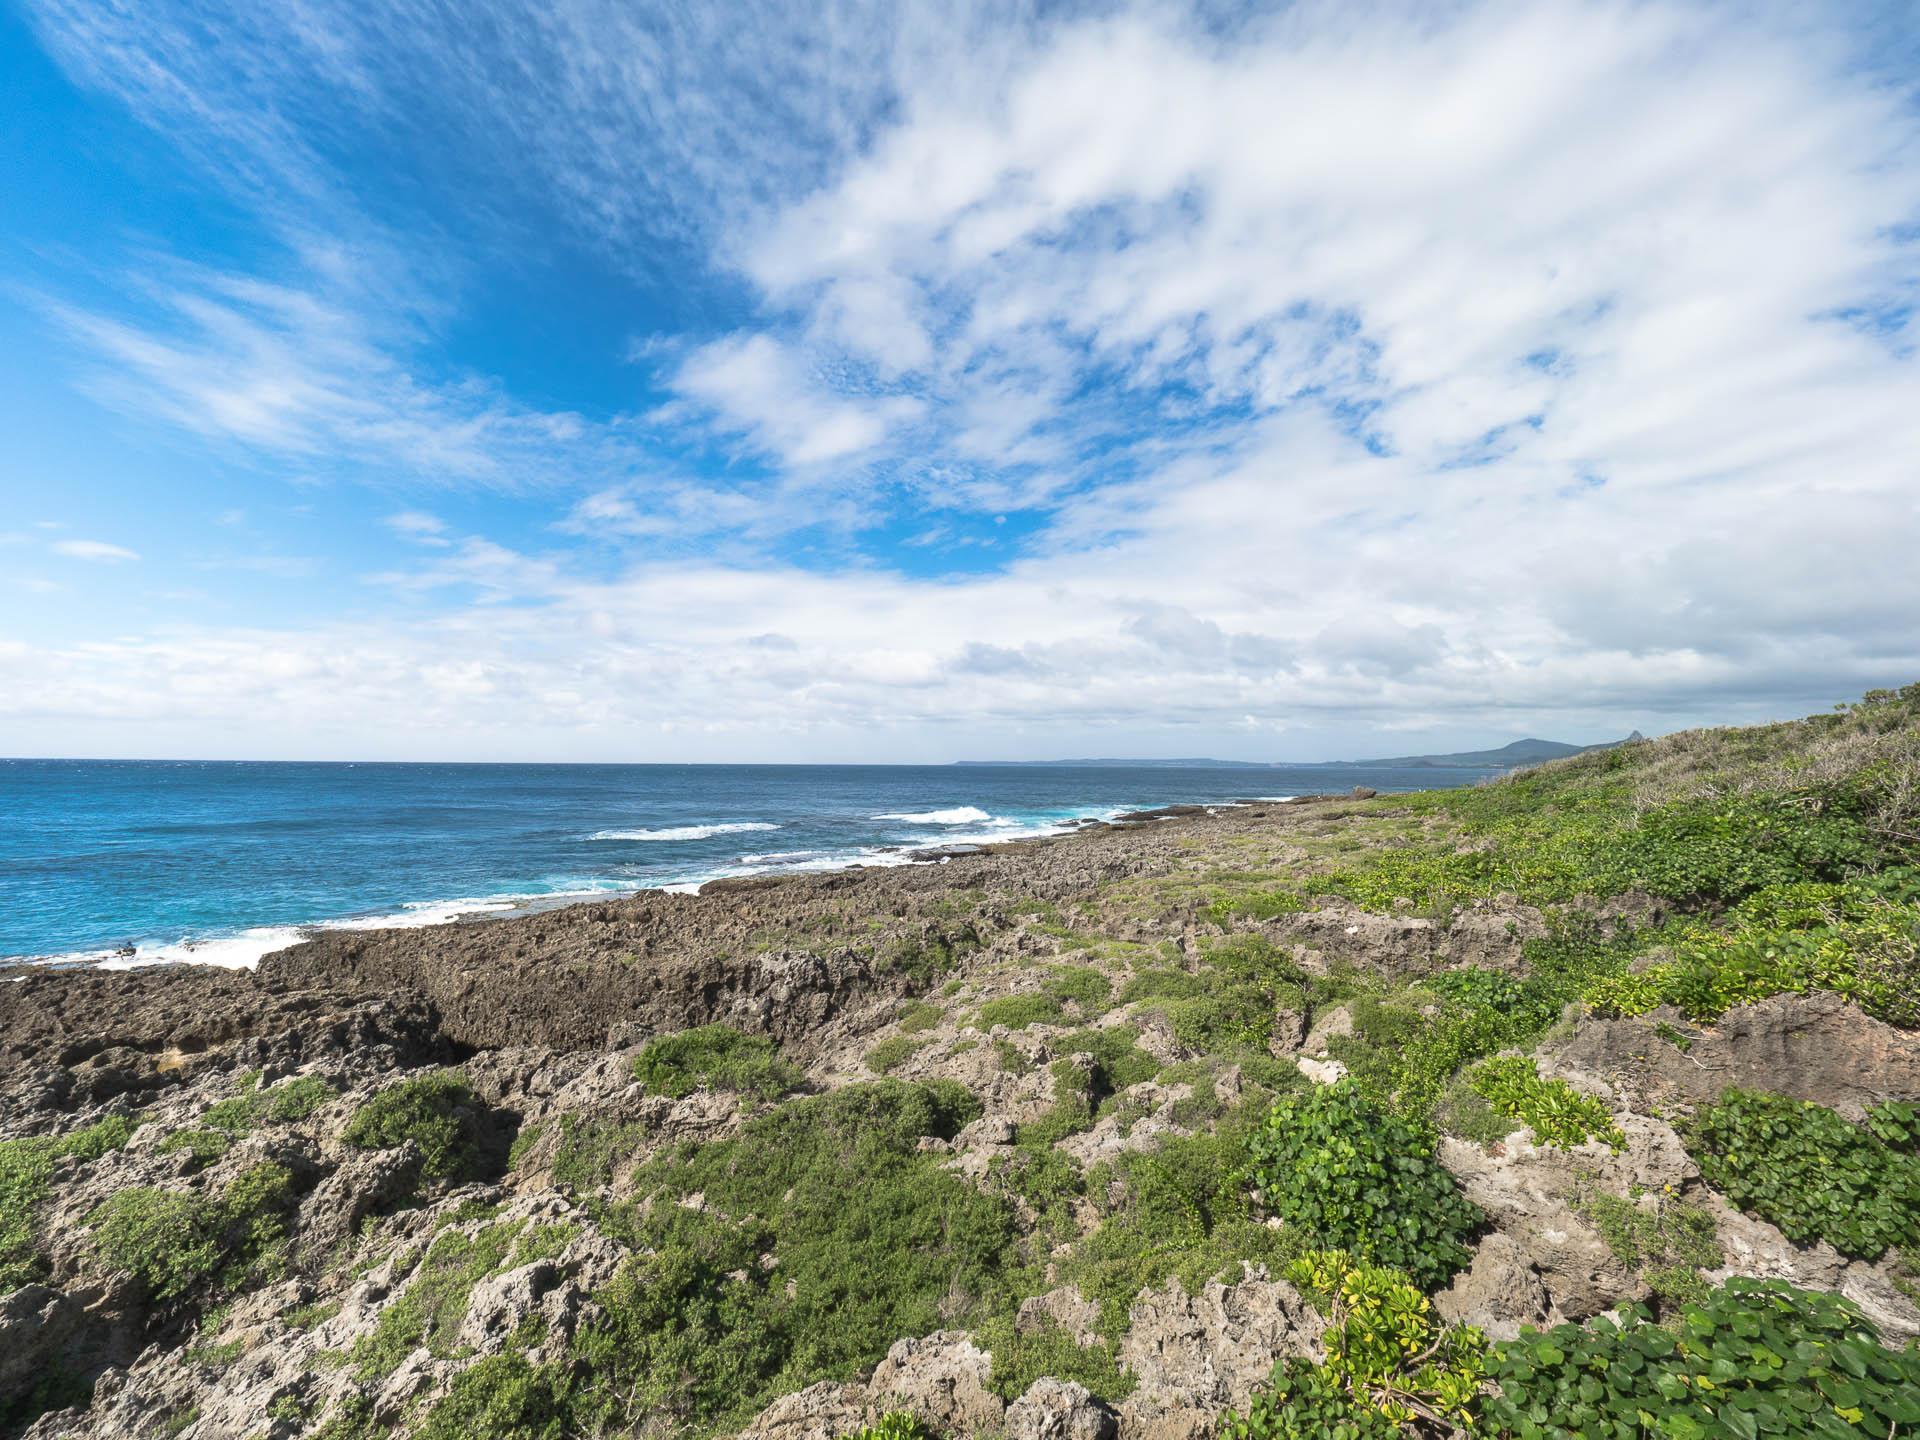 Eluanbi plage corail panorama - Les globe blogueurs - blog voyage nature